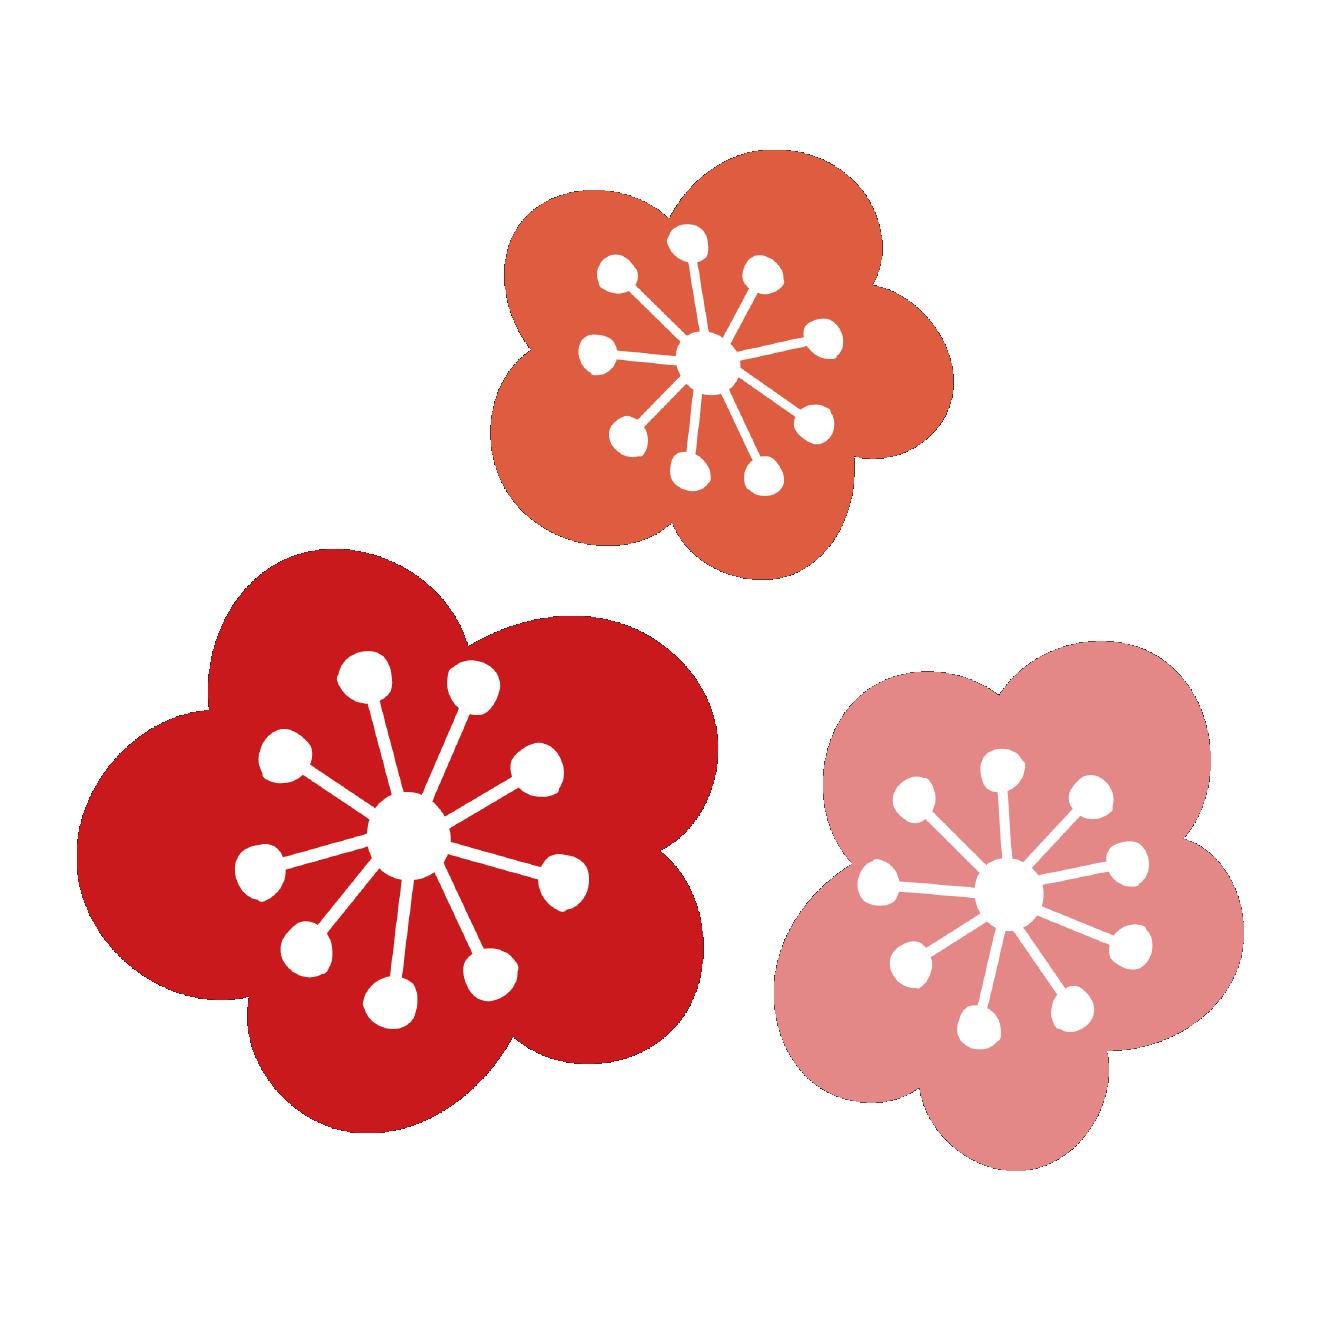 花かわいい梅ウメの花のイラスト 商用フリー無料の